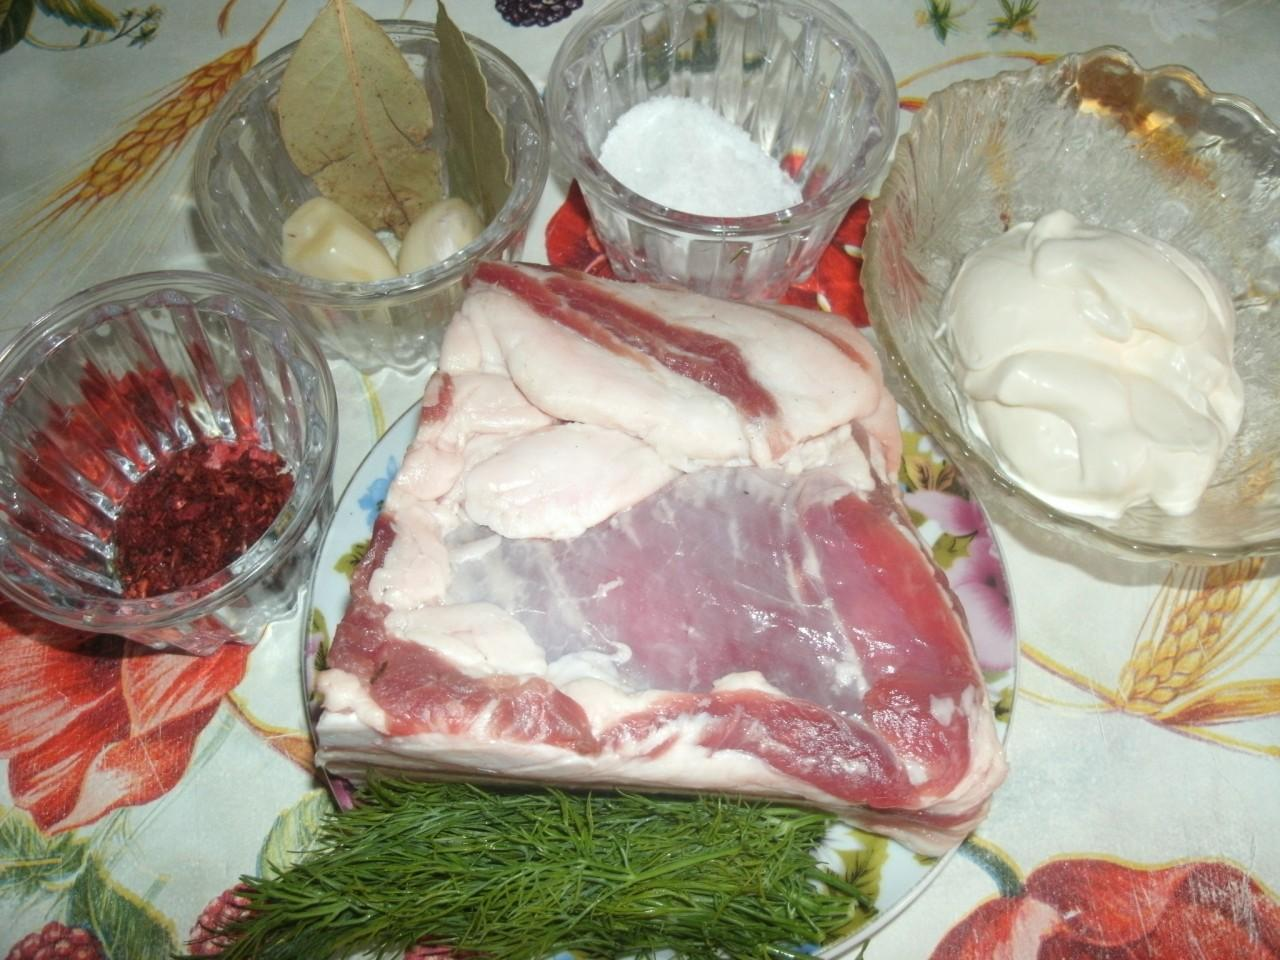 Как засолить свиную грудинку рецепт пошагово